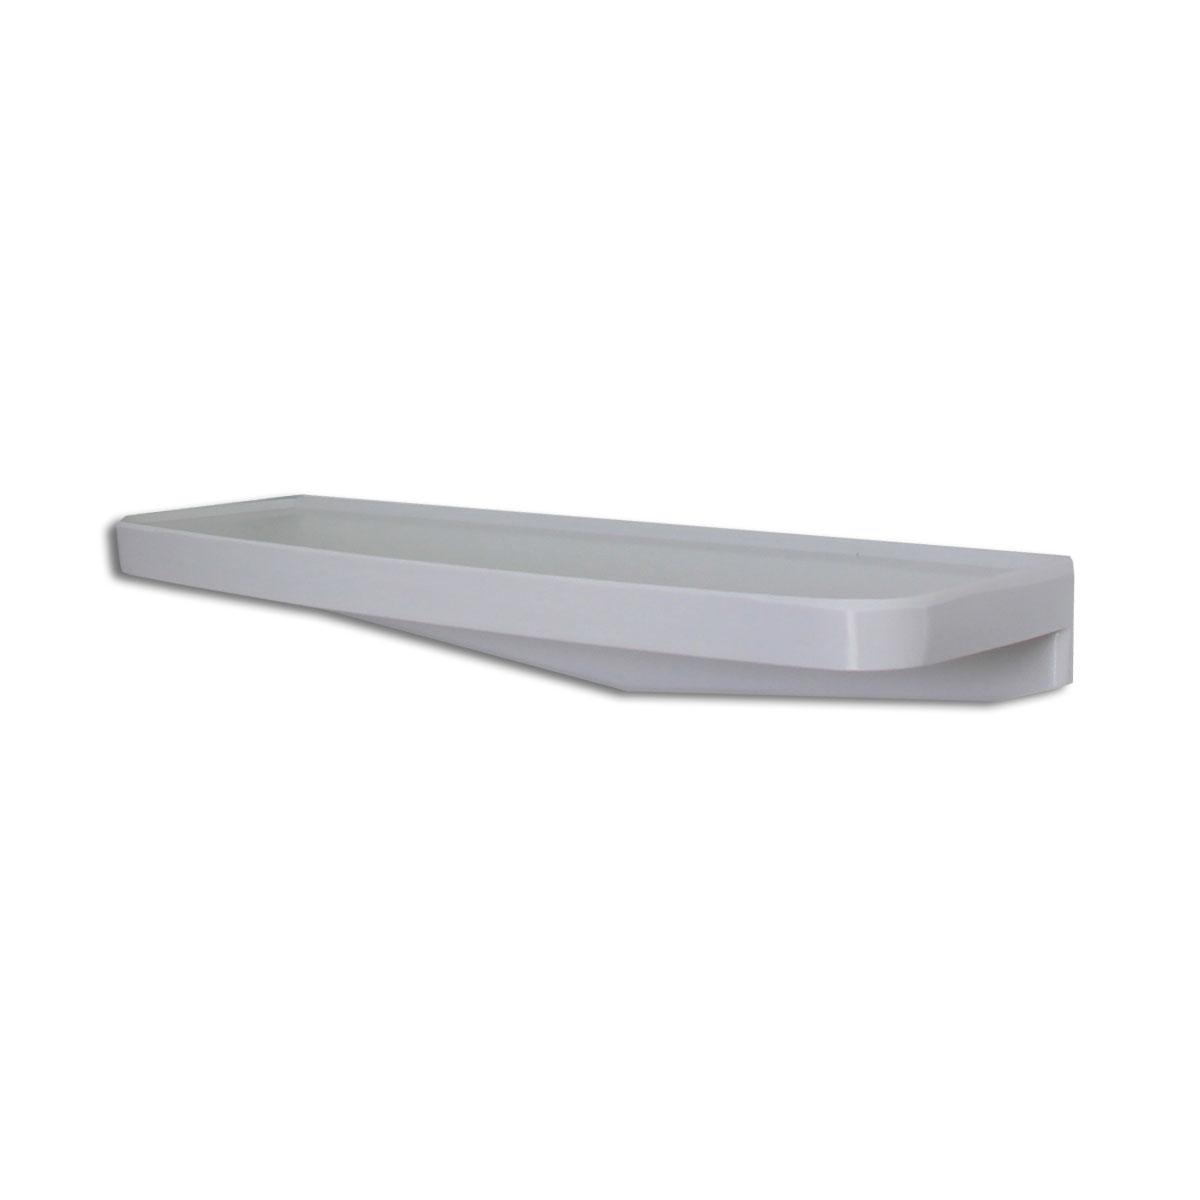 Wandablage, Badregal, Spiegelablage, weiß, aus Kunststoff